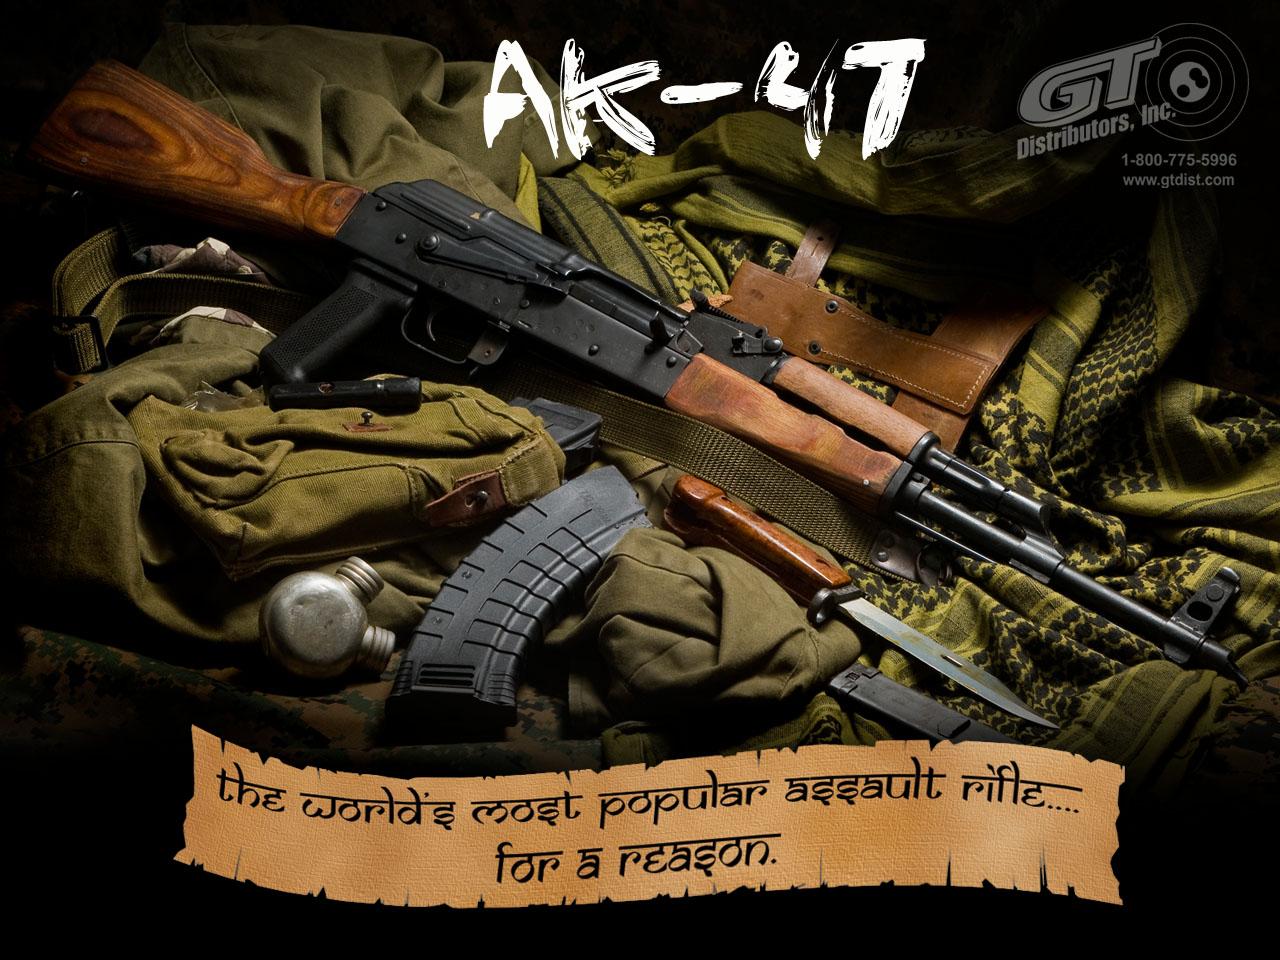 Best guns wallpapers ak 47 ak 47 images 2014 ak 47 wallpapers 1280x960